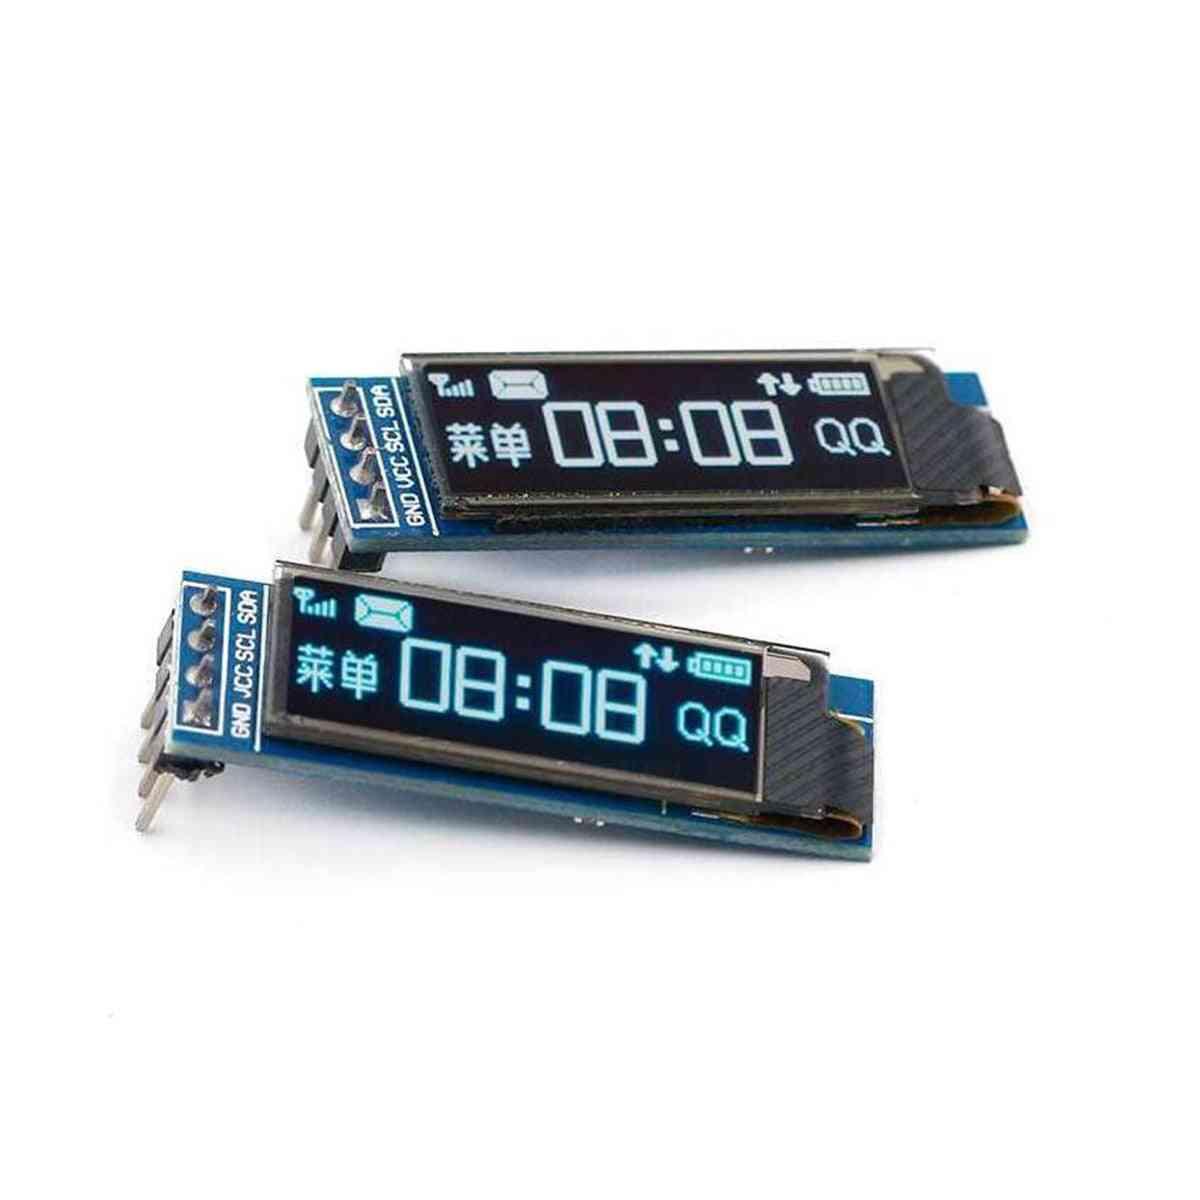 Oled 128x32 Lcd Led Display Ssd1306 12864 0.91 Iic I2c Communicate